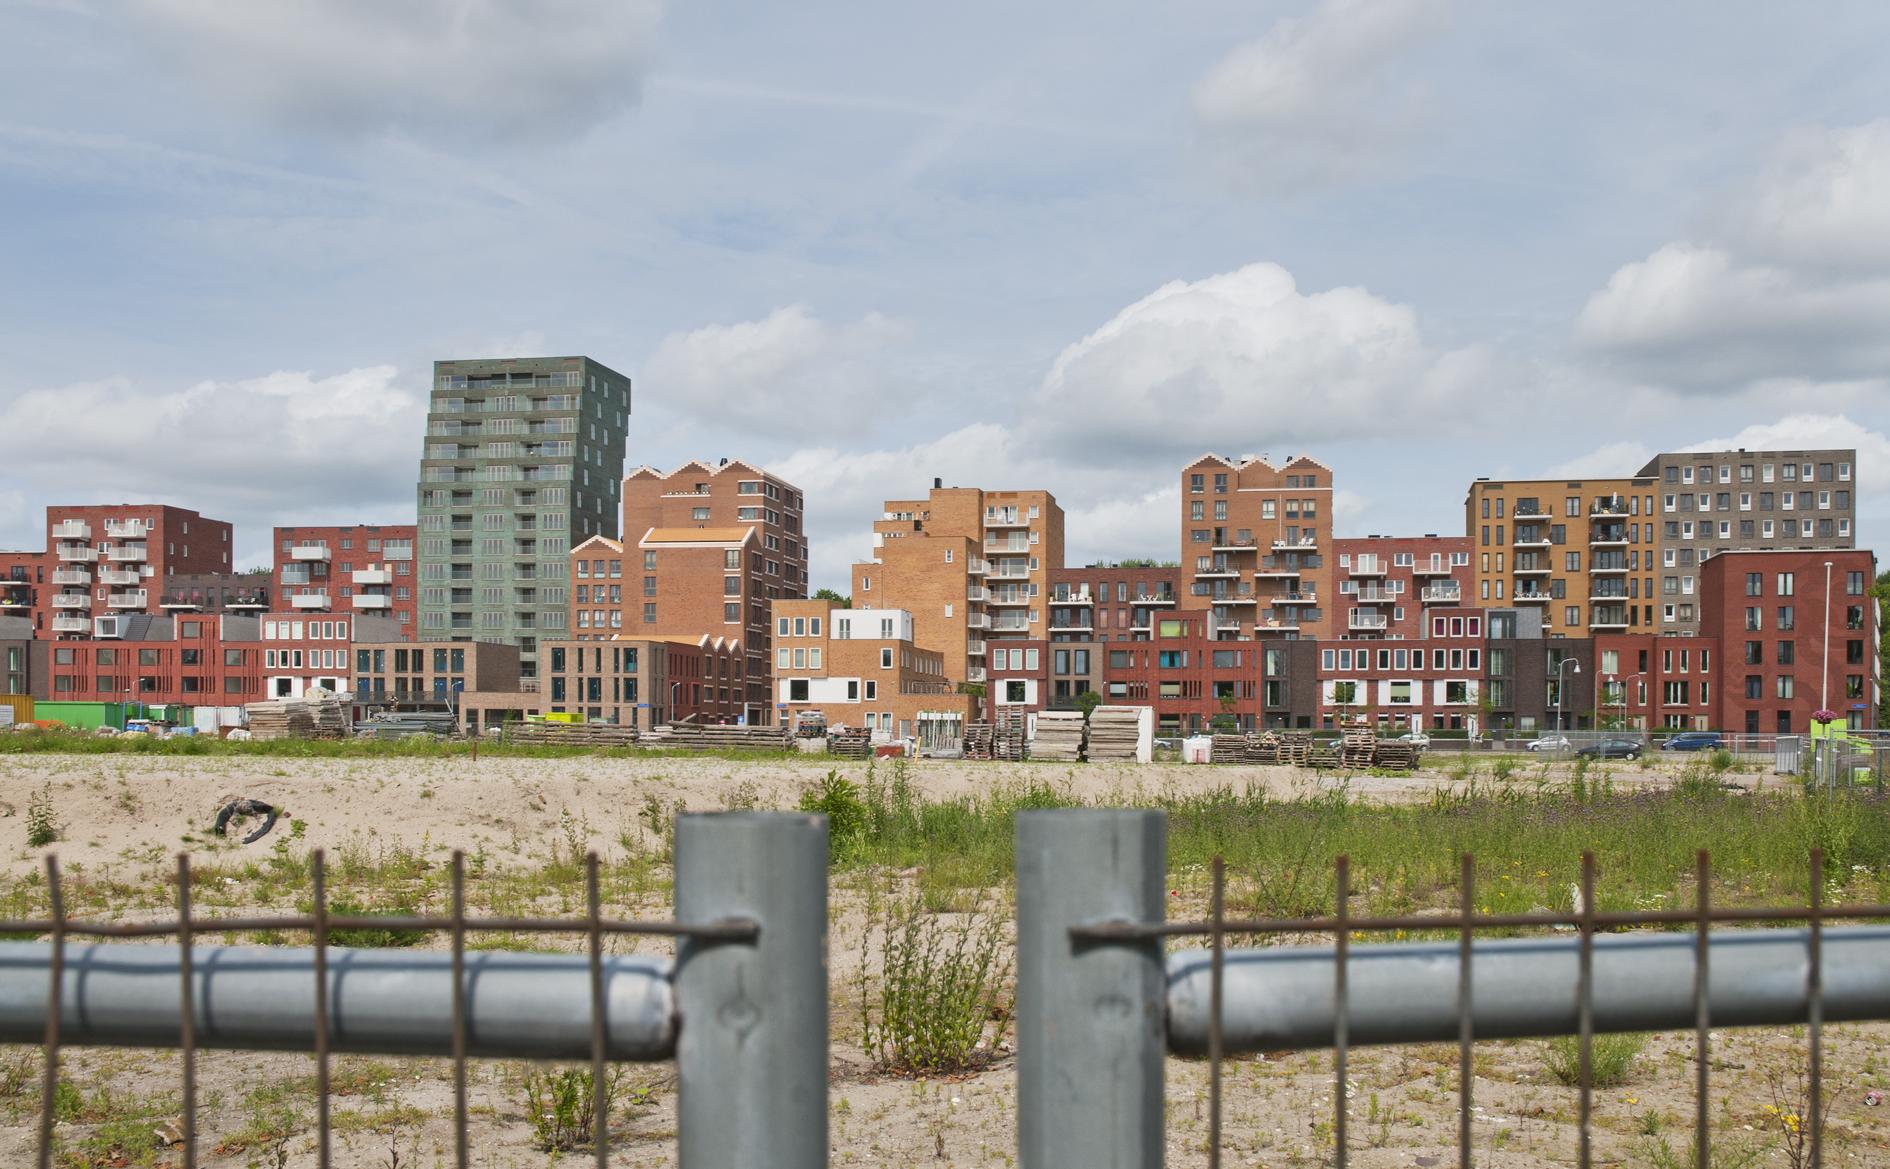 2e Reserveboezemstraat, officiële straatnaam van de gemeente Rotterdam bij beslissing van B&W sinds 17 mei 1918